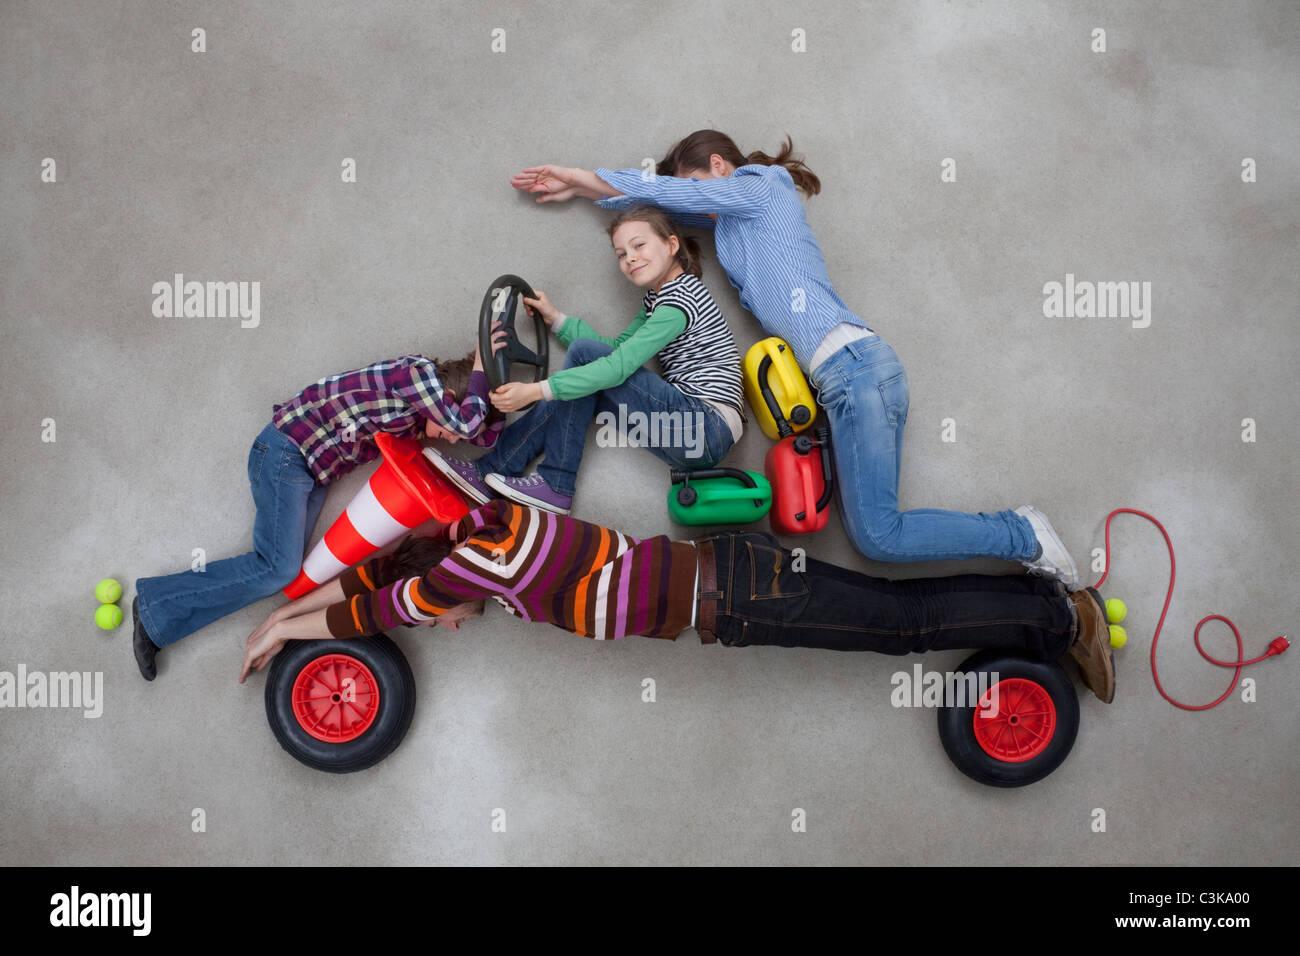 Menschen zusammen bilden die Form des Autos Stockbild